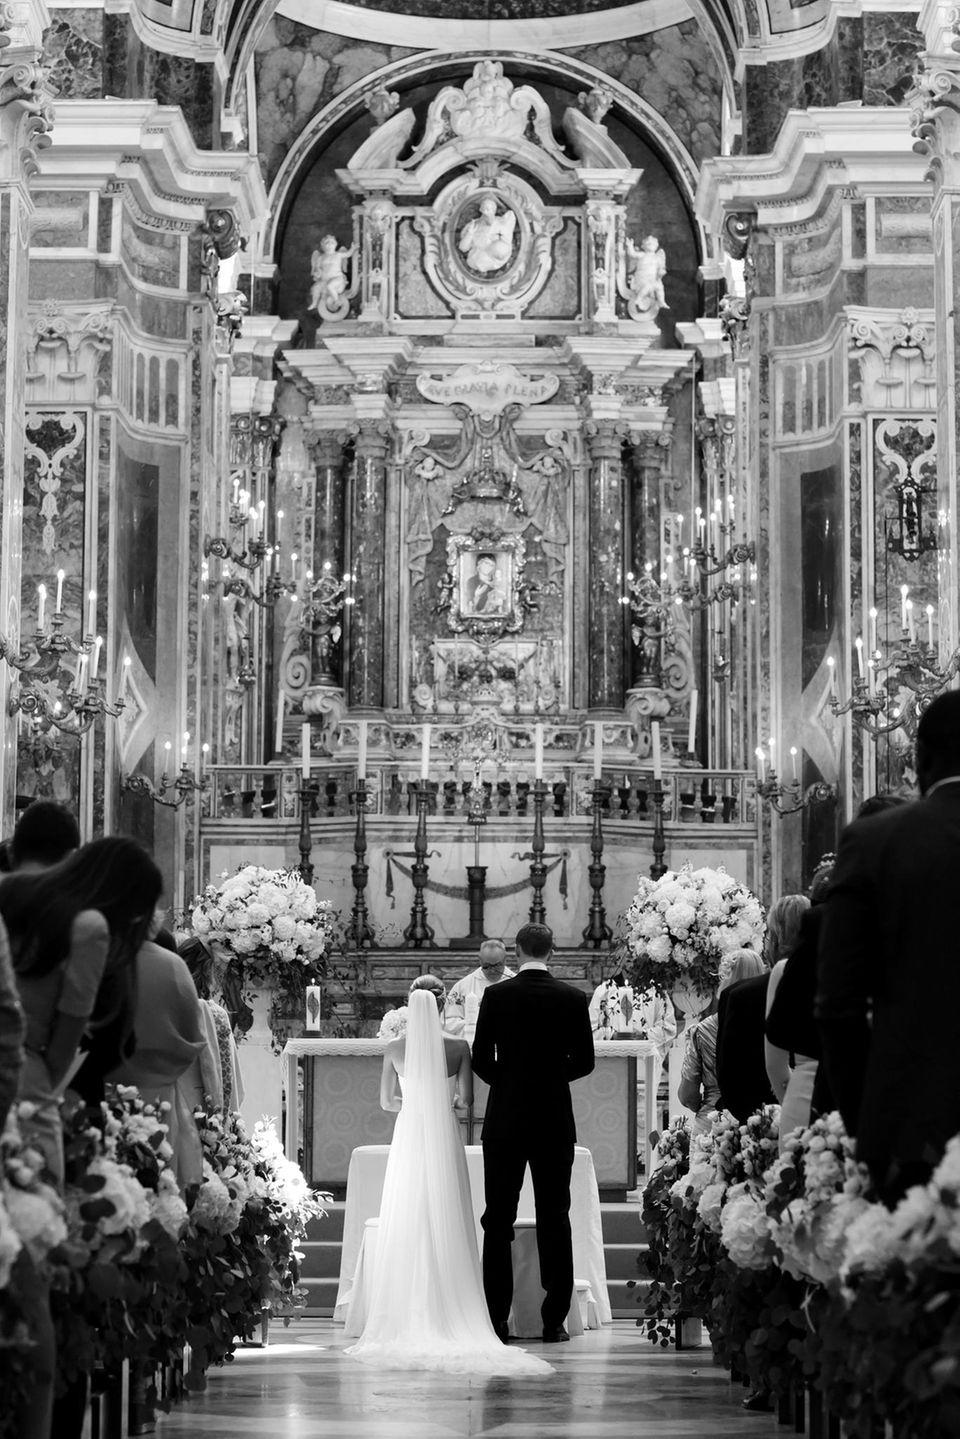 """In einer traumhaft schönen Kirche im italienischen Monopoli geben sich Manuel Neuer und Nina Weiss am 09. Juni 2017 das Jawort.   In der Kathedrale """"Madonna della Madia"""" hat übrigens auch schon Matt Damon geheiratet."""